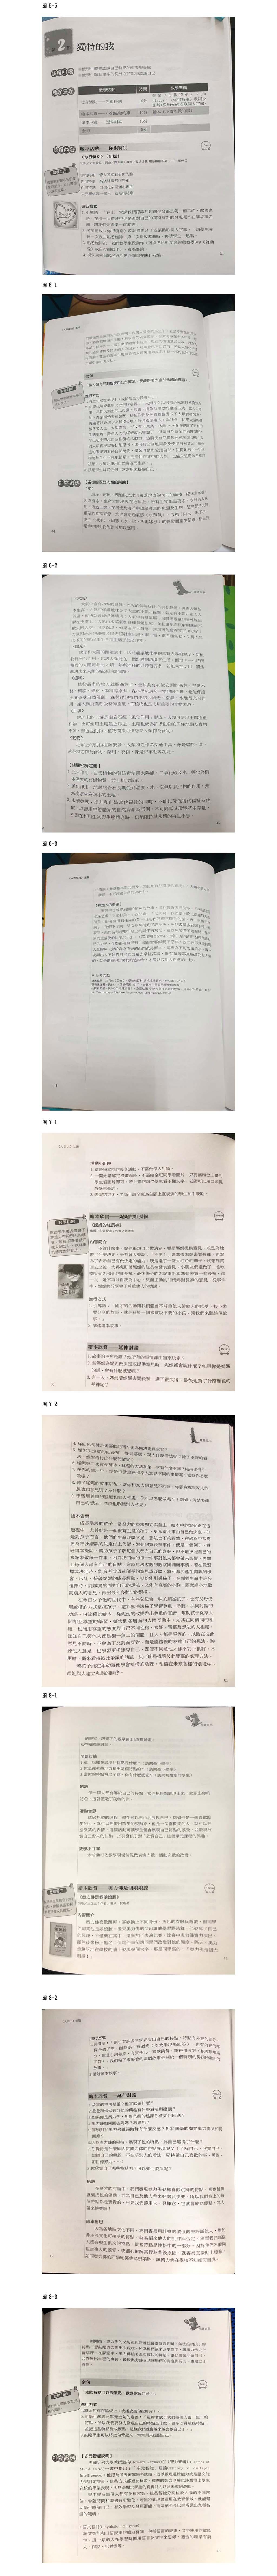 彩虹愛家聲明稿4-3